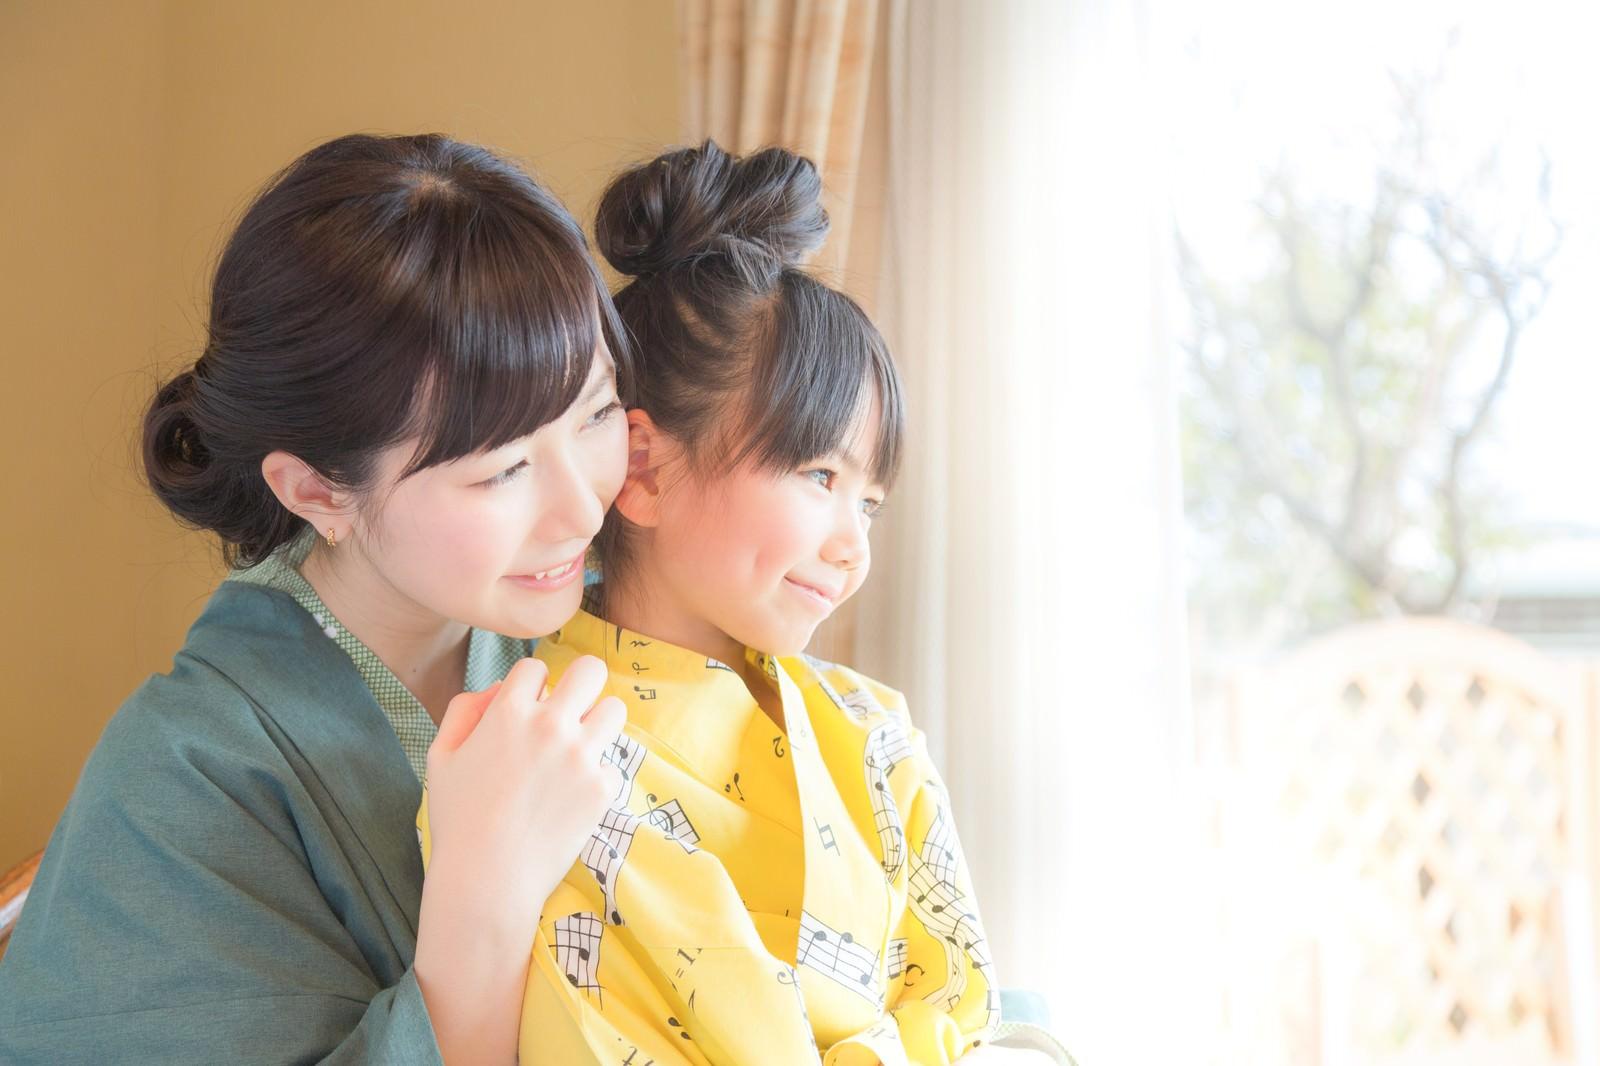 「温泉旅館の客室から庭先を眺める親子」の写真[モデル:伊藤里織]